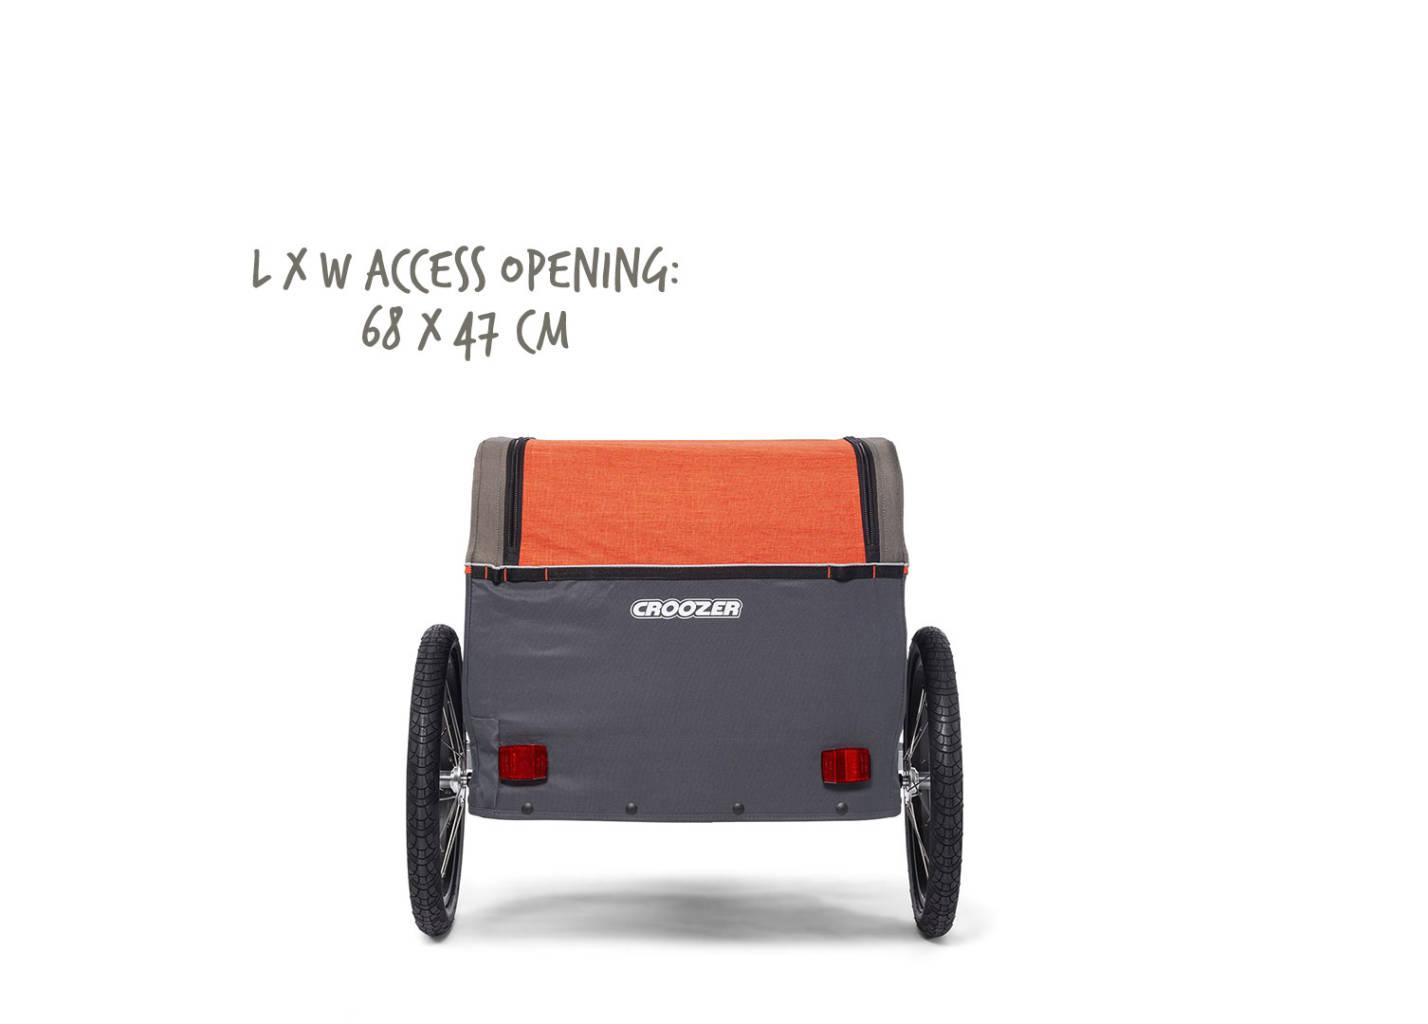 Pakko_access_opening_EN